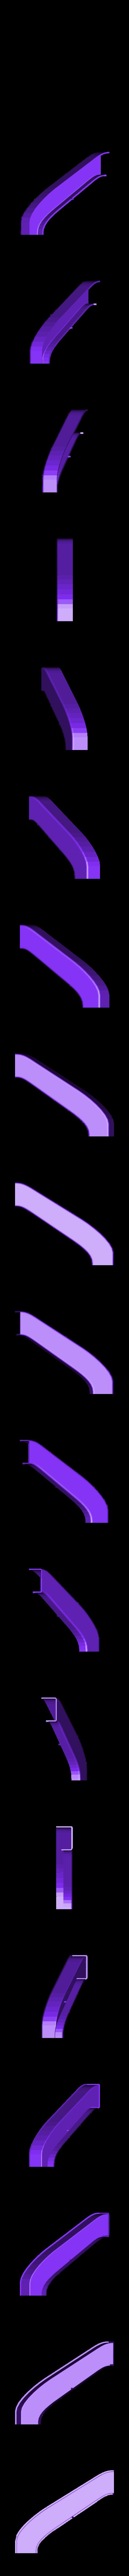 PORTA_06.STL Télécharger fichier STL gratuit la poignée de porte - alice au pays des merveilles • Modèle pour impression 3D, sergioinglese